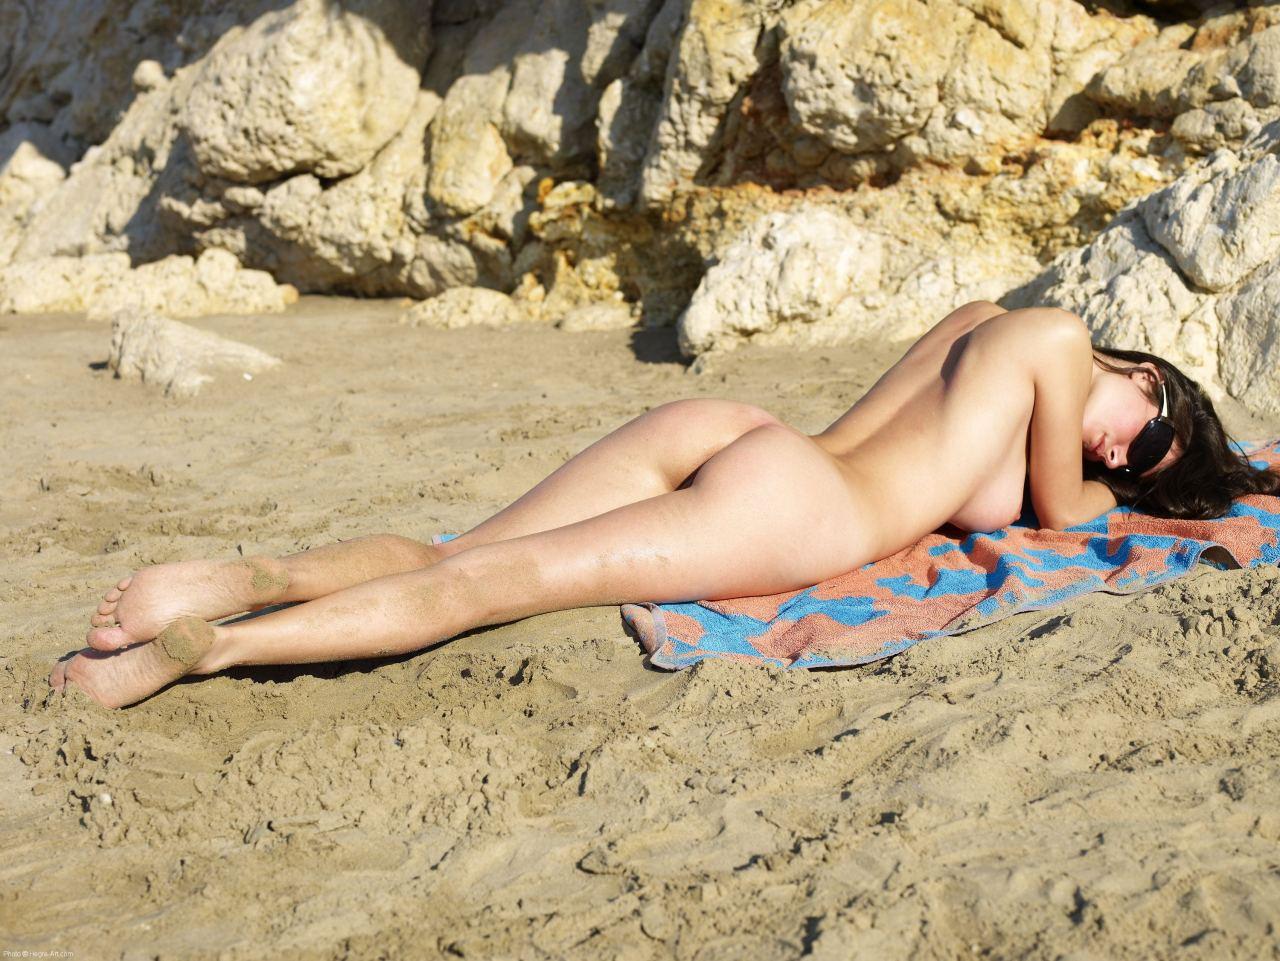 Фото голых девушек на пляже брюнетки 19 фотография